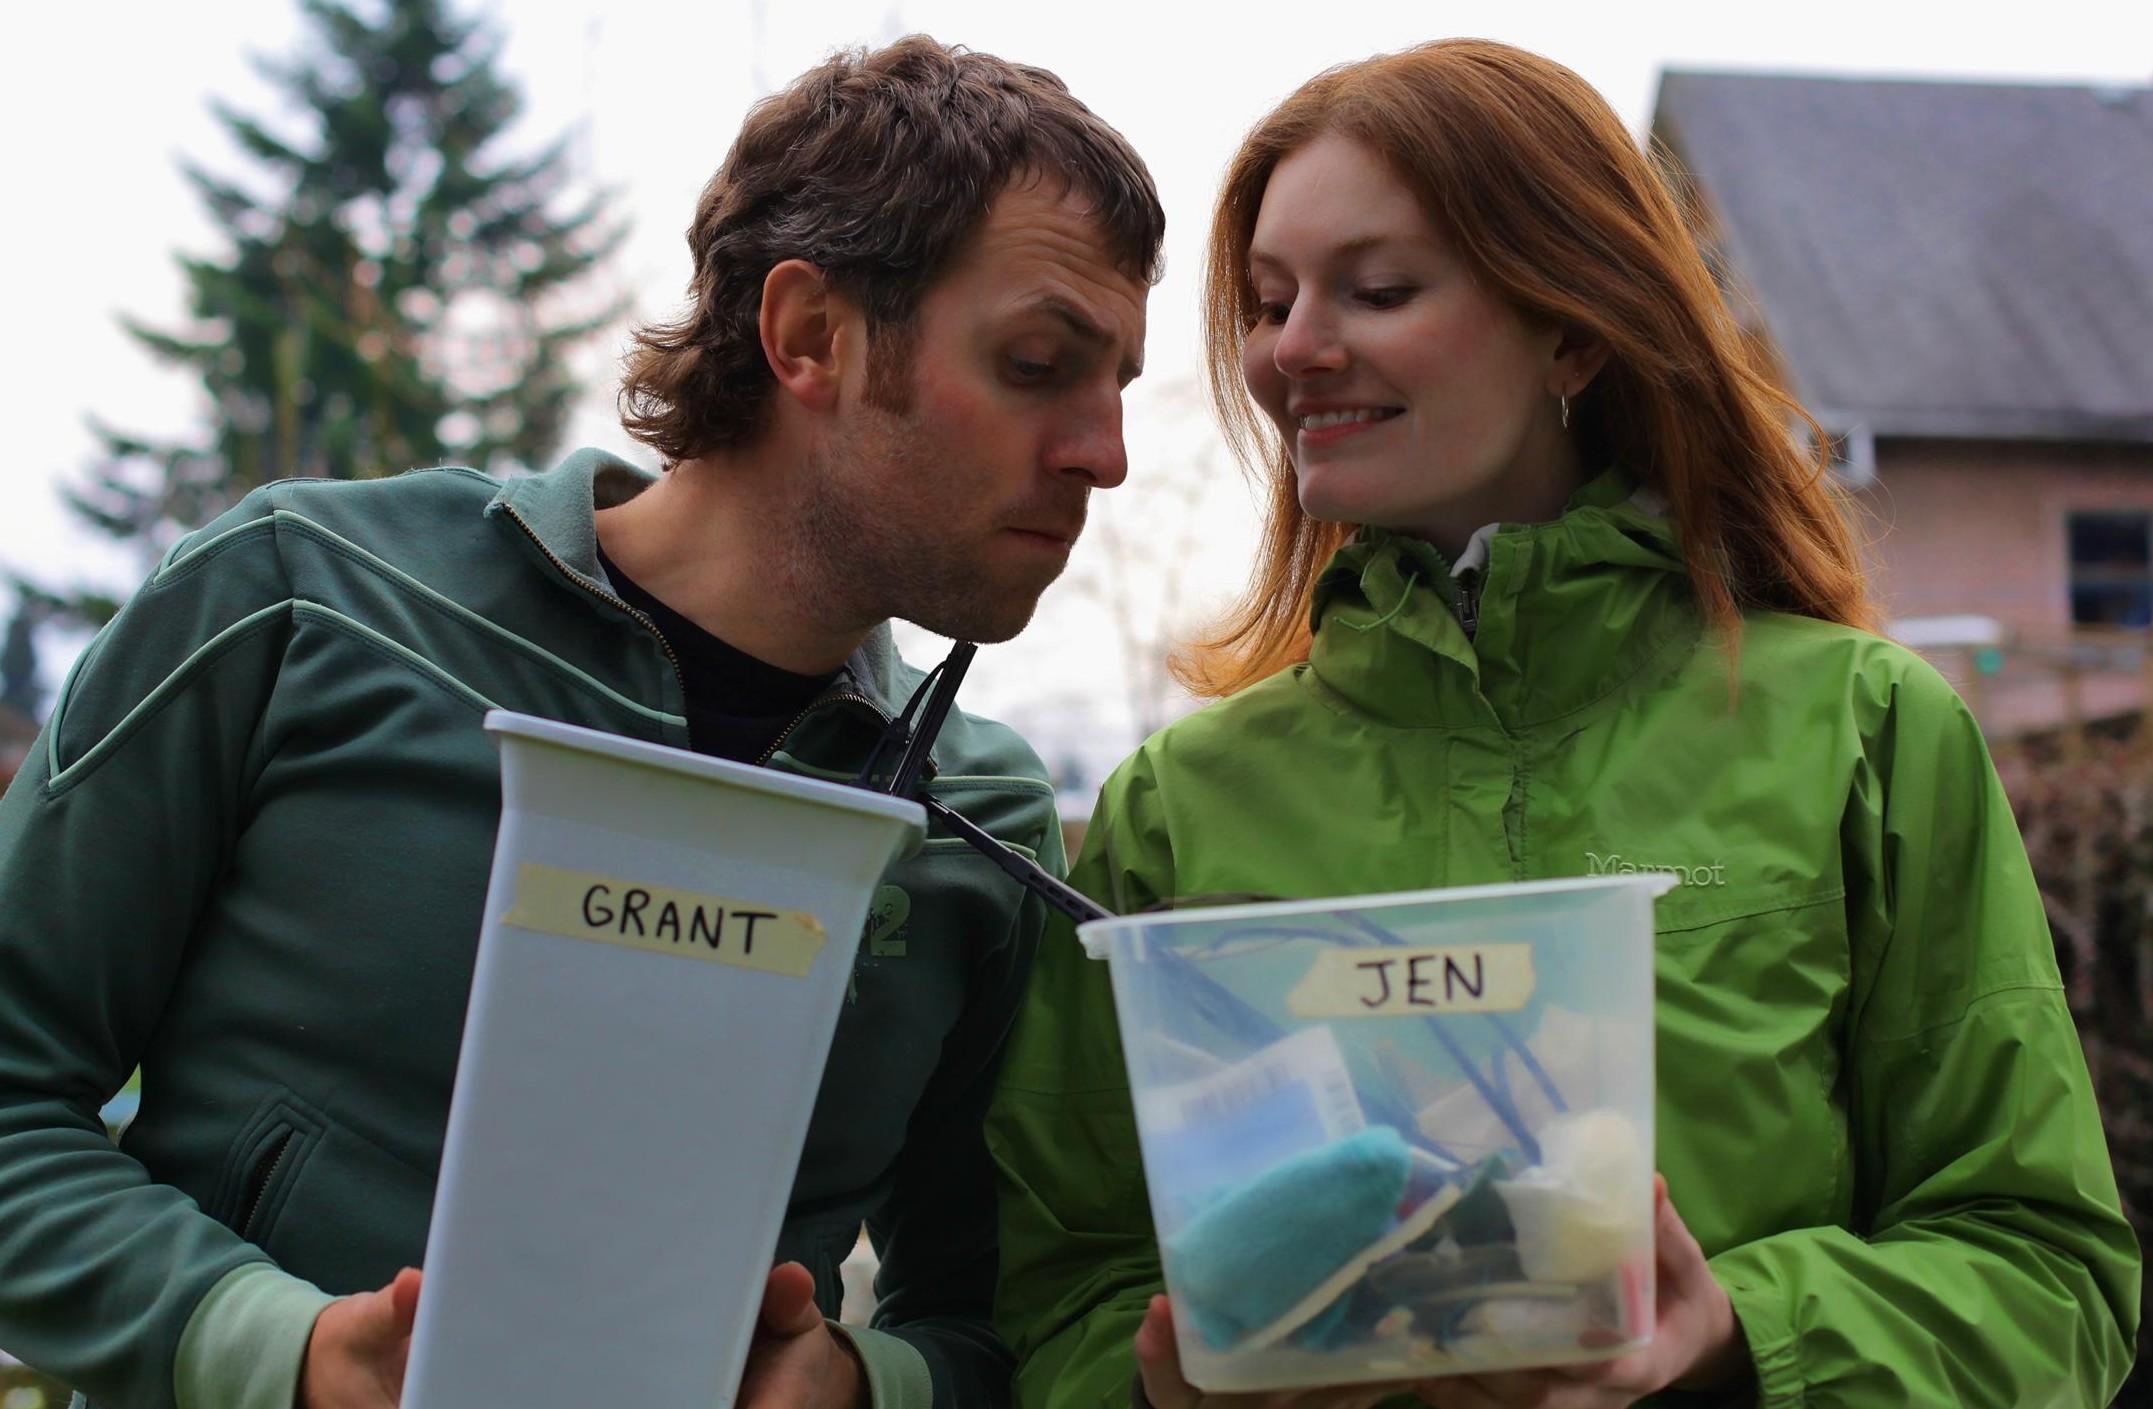 Jen & Grant - Clean Bin Project